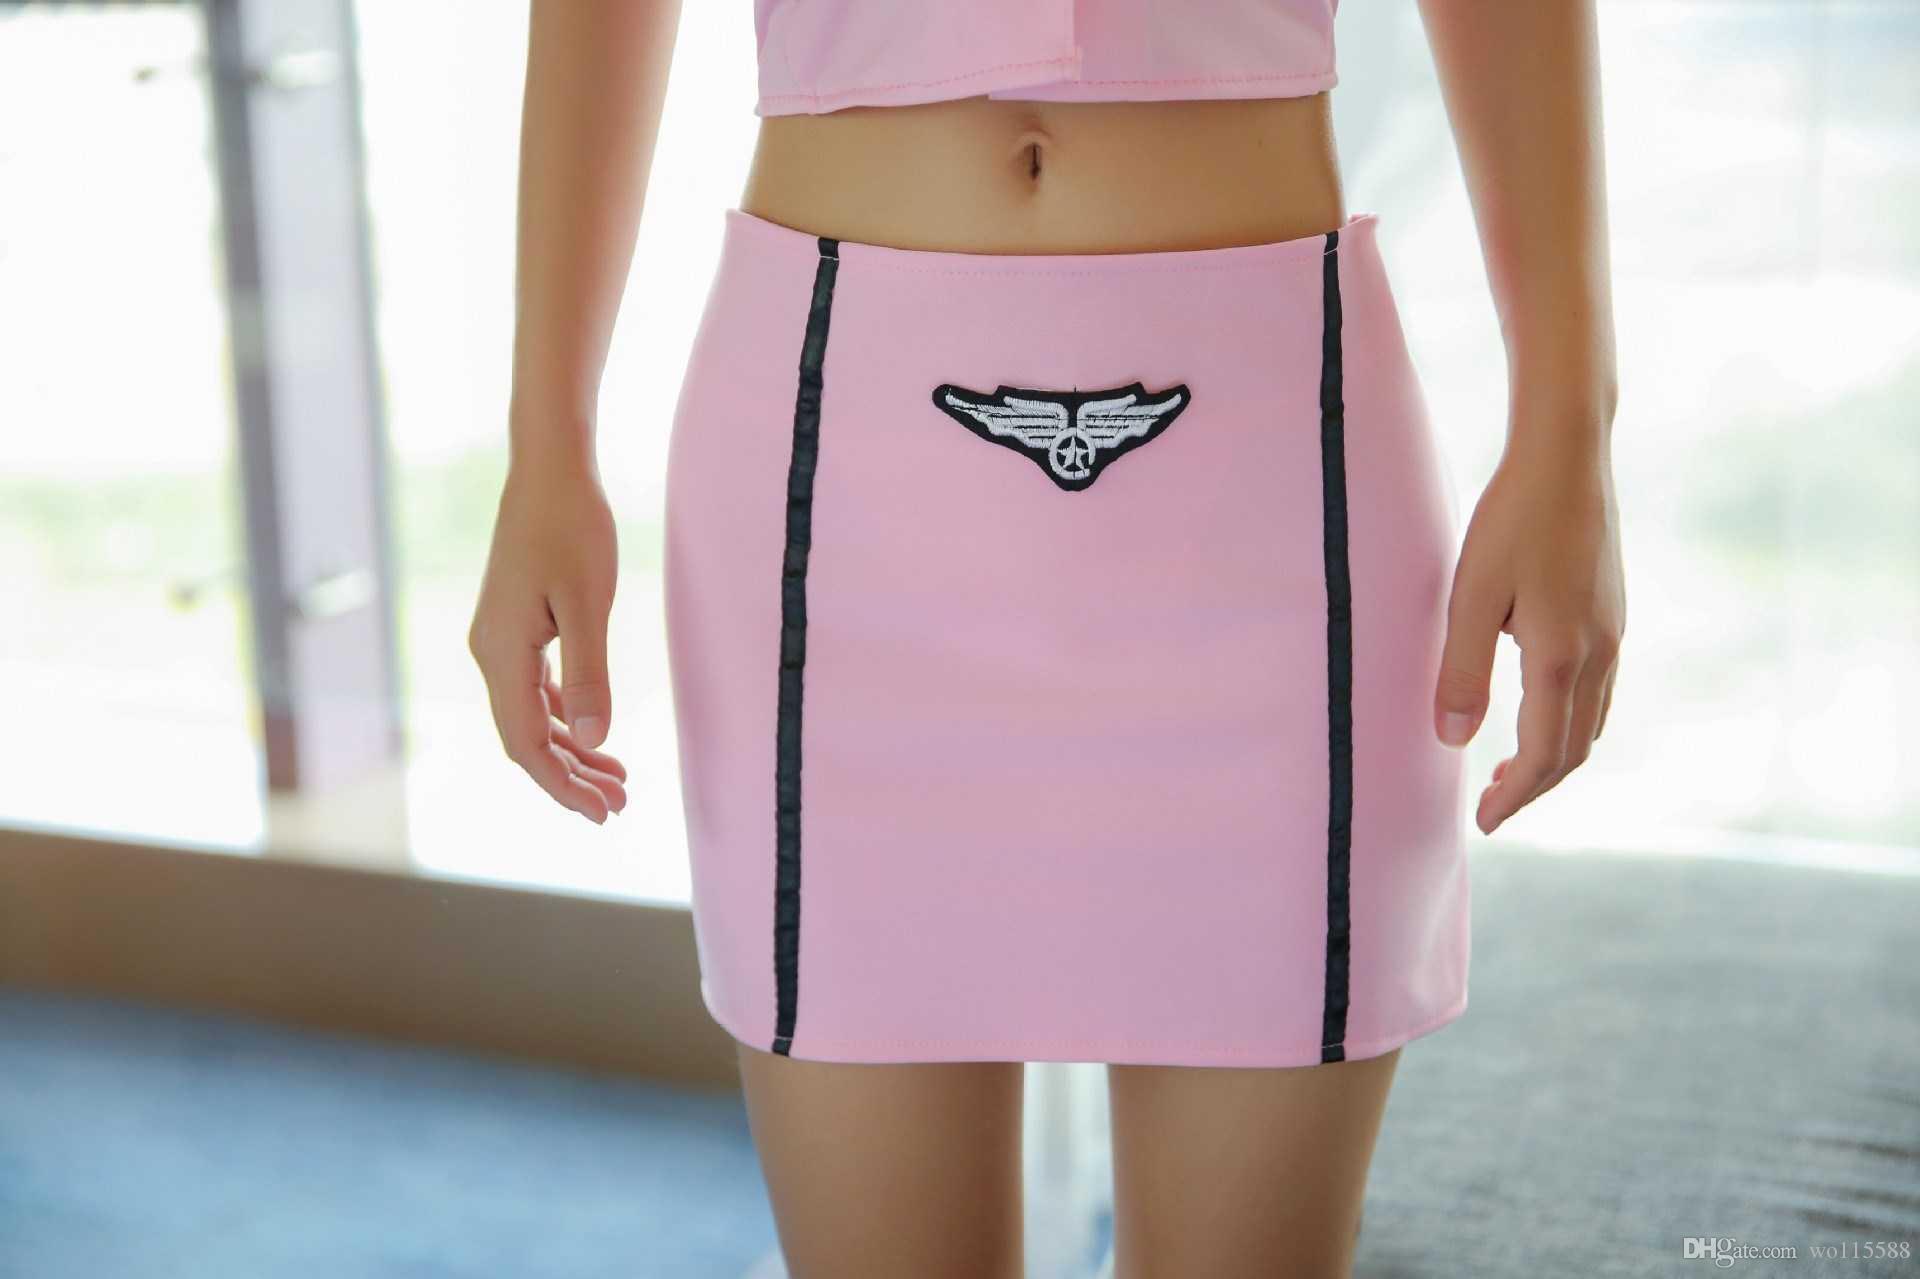 Frete Grátis Nova sexy lingerie estudante empregada aeromoça uniforme tentação enfermeira paixão terno personagem jogar sexy sexy interior vestido feminino